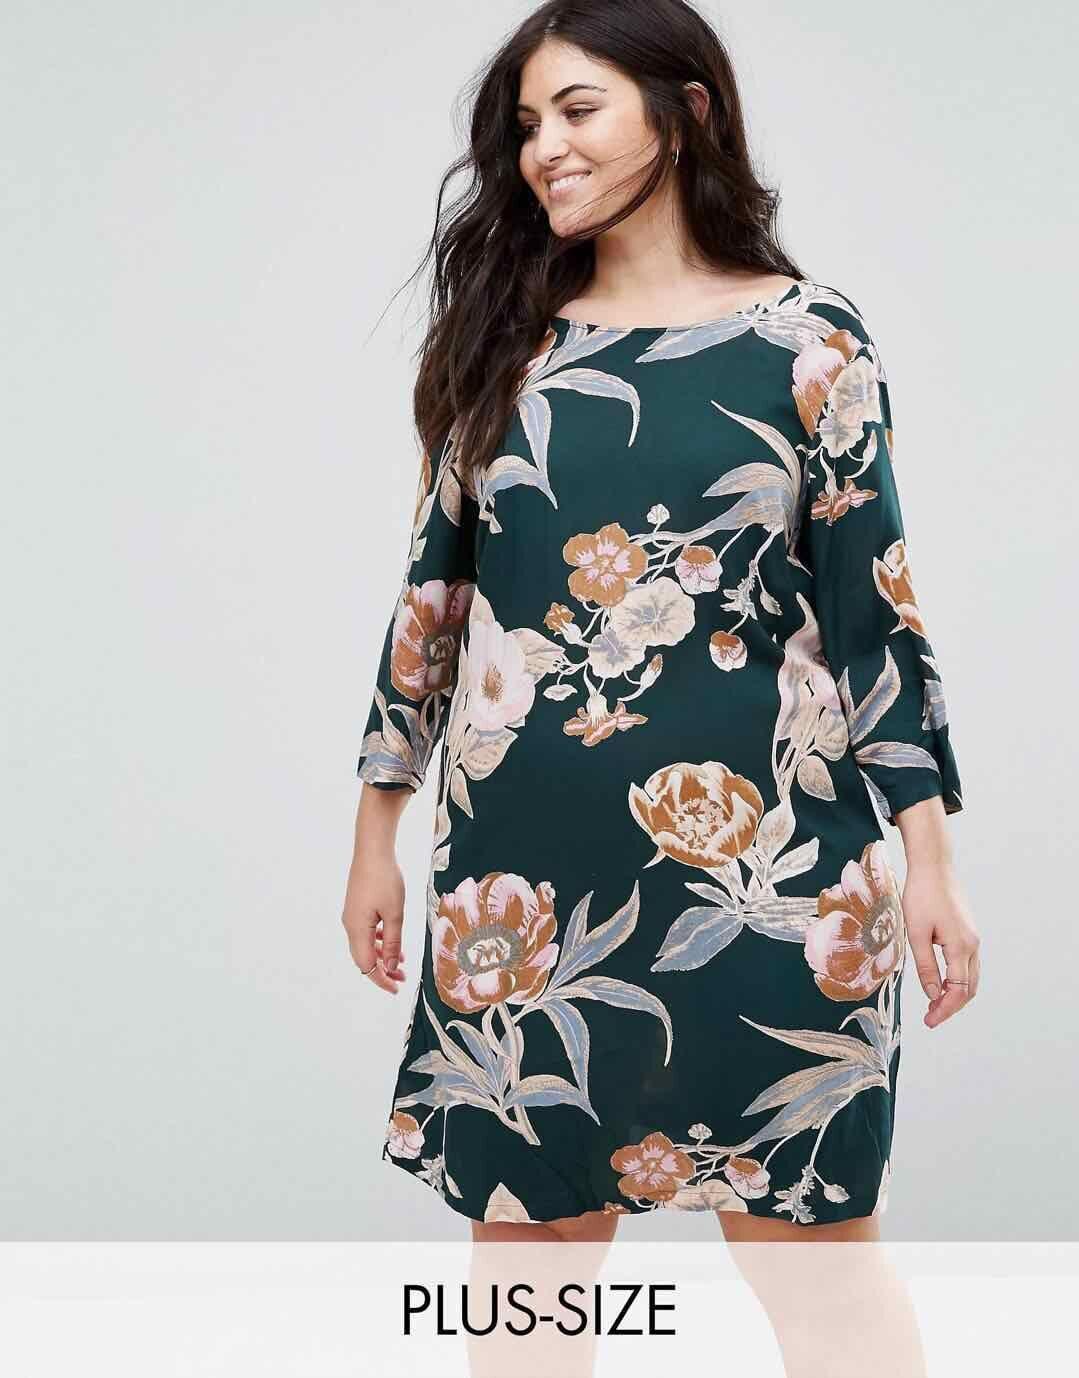 1fdf503e7d7c Plus Size Dresses for sale - Plus Size Maxi Dress online brands ...